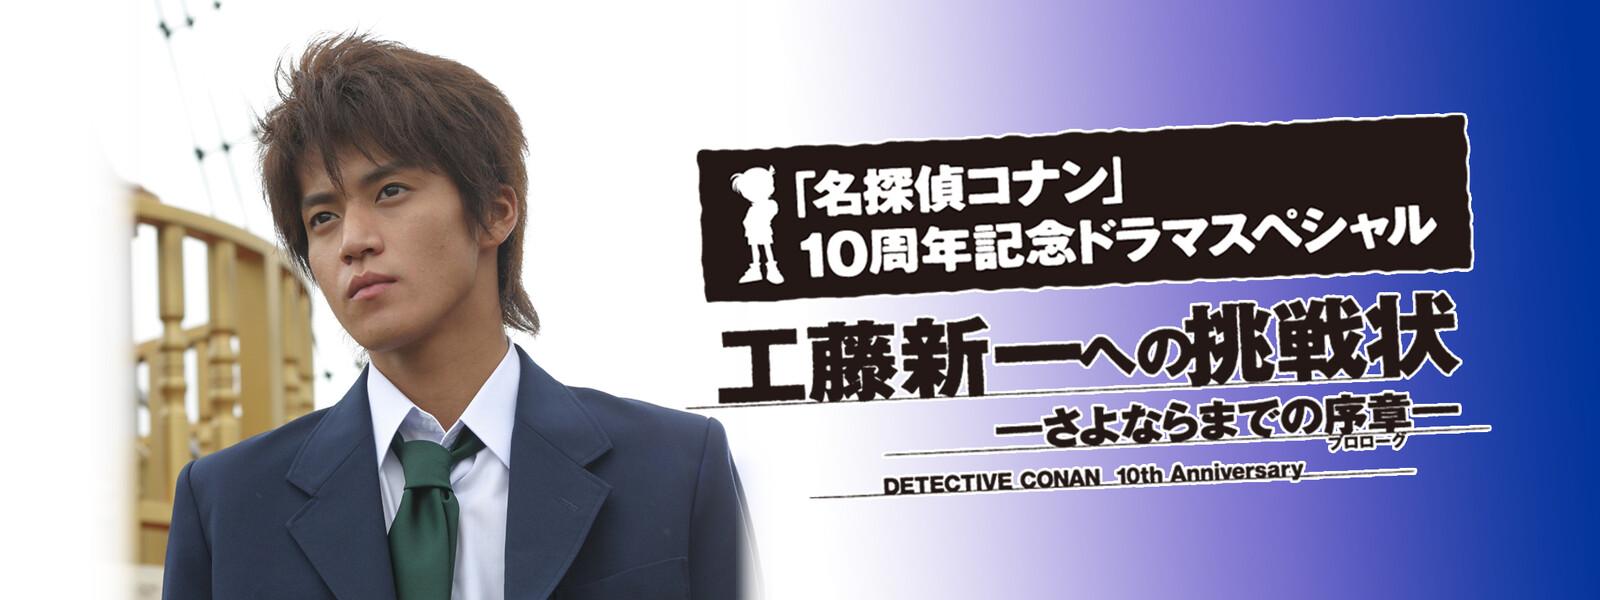 名探偵コナン 工藤新一への挑戦状 ~さよならまでの序章 (プロローグ)~の動画 - 名探偵コナン 第23シーズン